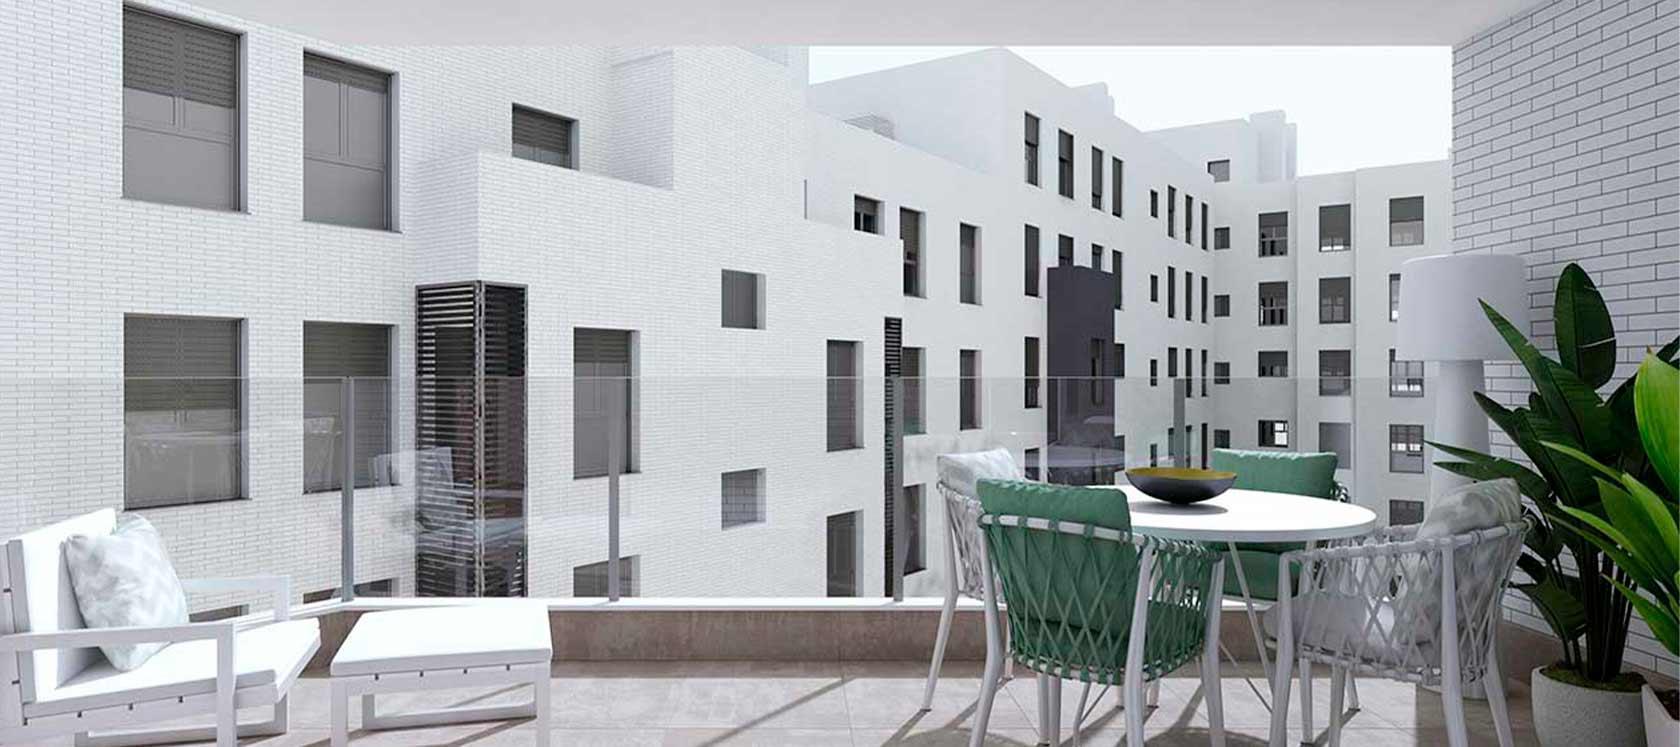 Pisos de obra nueva en Valladolid   Promoción Célere Parqueluz II